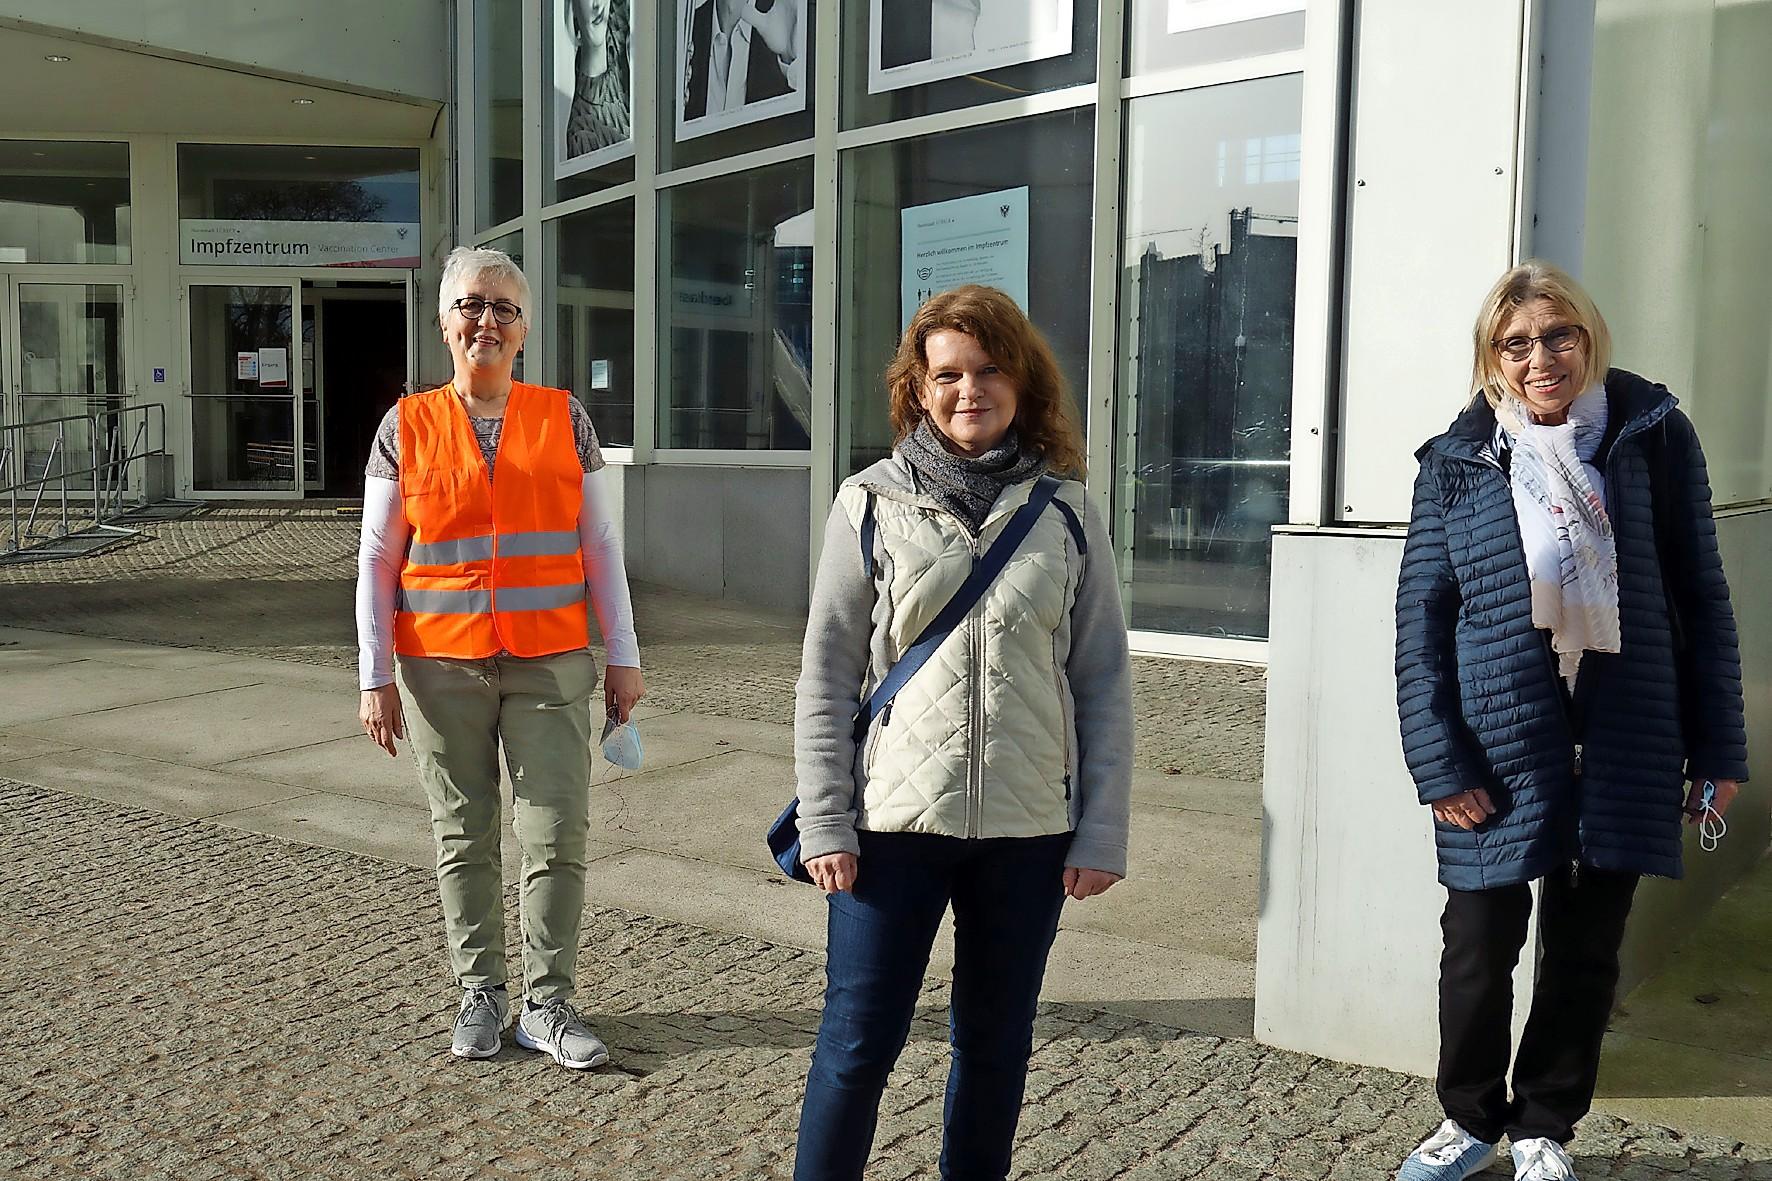 Seit dem vergangenen Wochenende gibt es eine ehrenamtliche Betreuung, die vom  ePunkt Lübeck für Senioren mit Impftermin organisiert wurde.